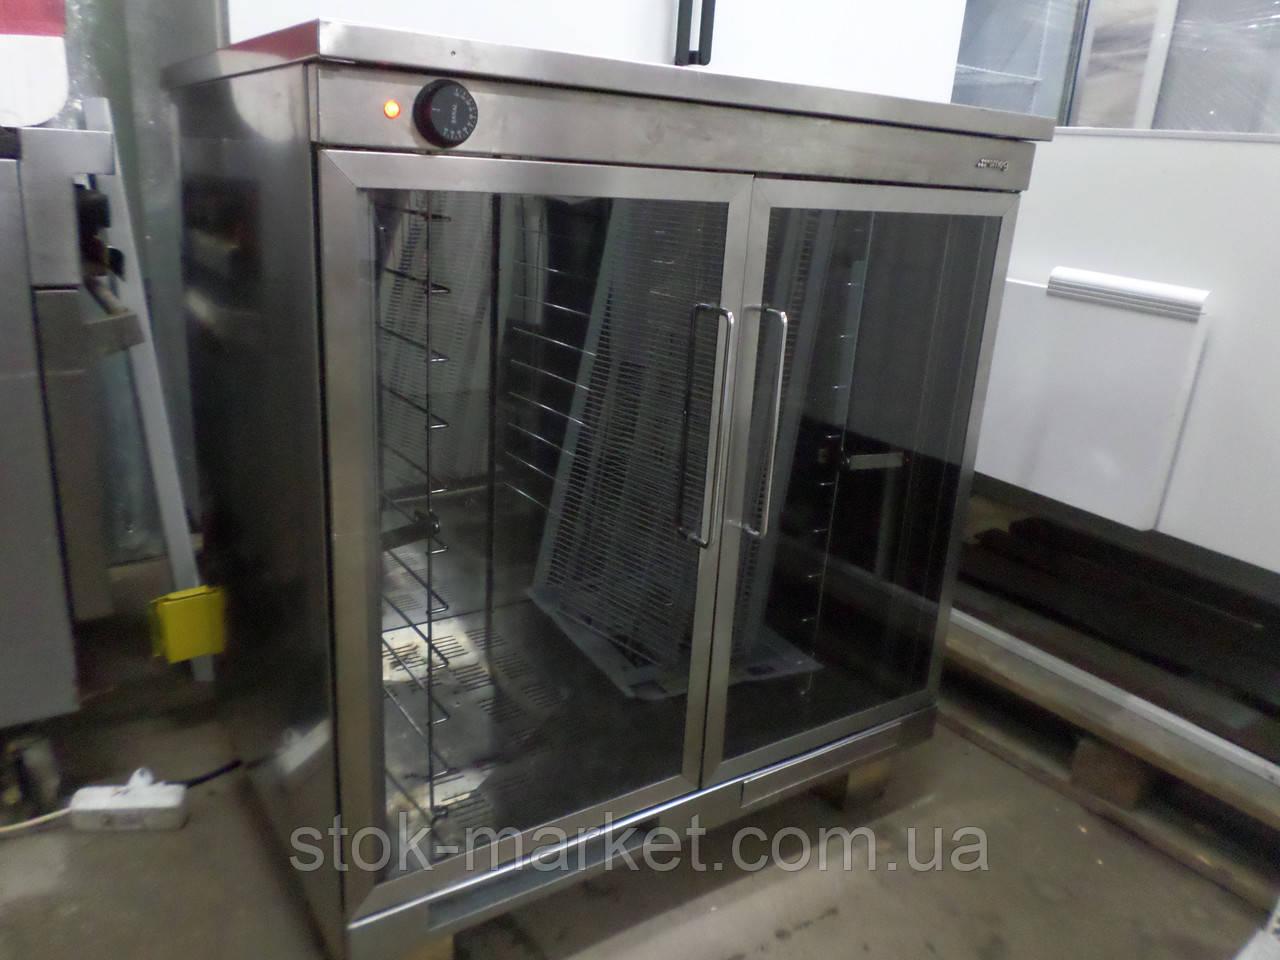 Шкаф расстоечный SMEG LEV 135 RU б/у, расстоечный шкаф б у, Шкаф расстоечный б у, тепловая витрина б у, рассто